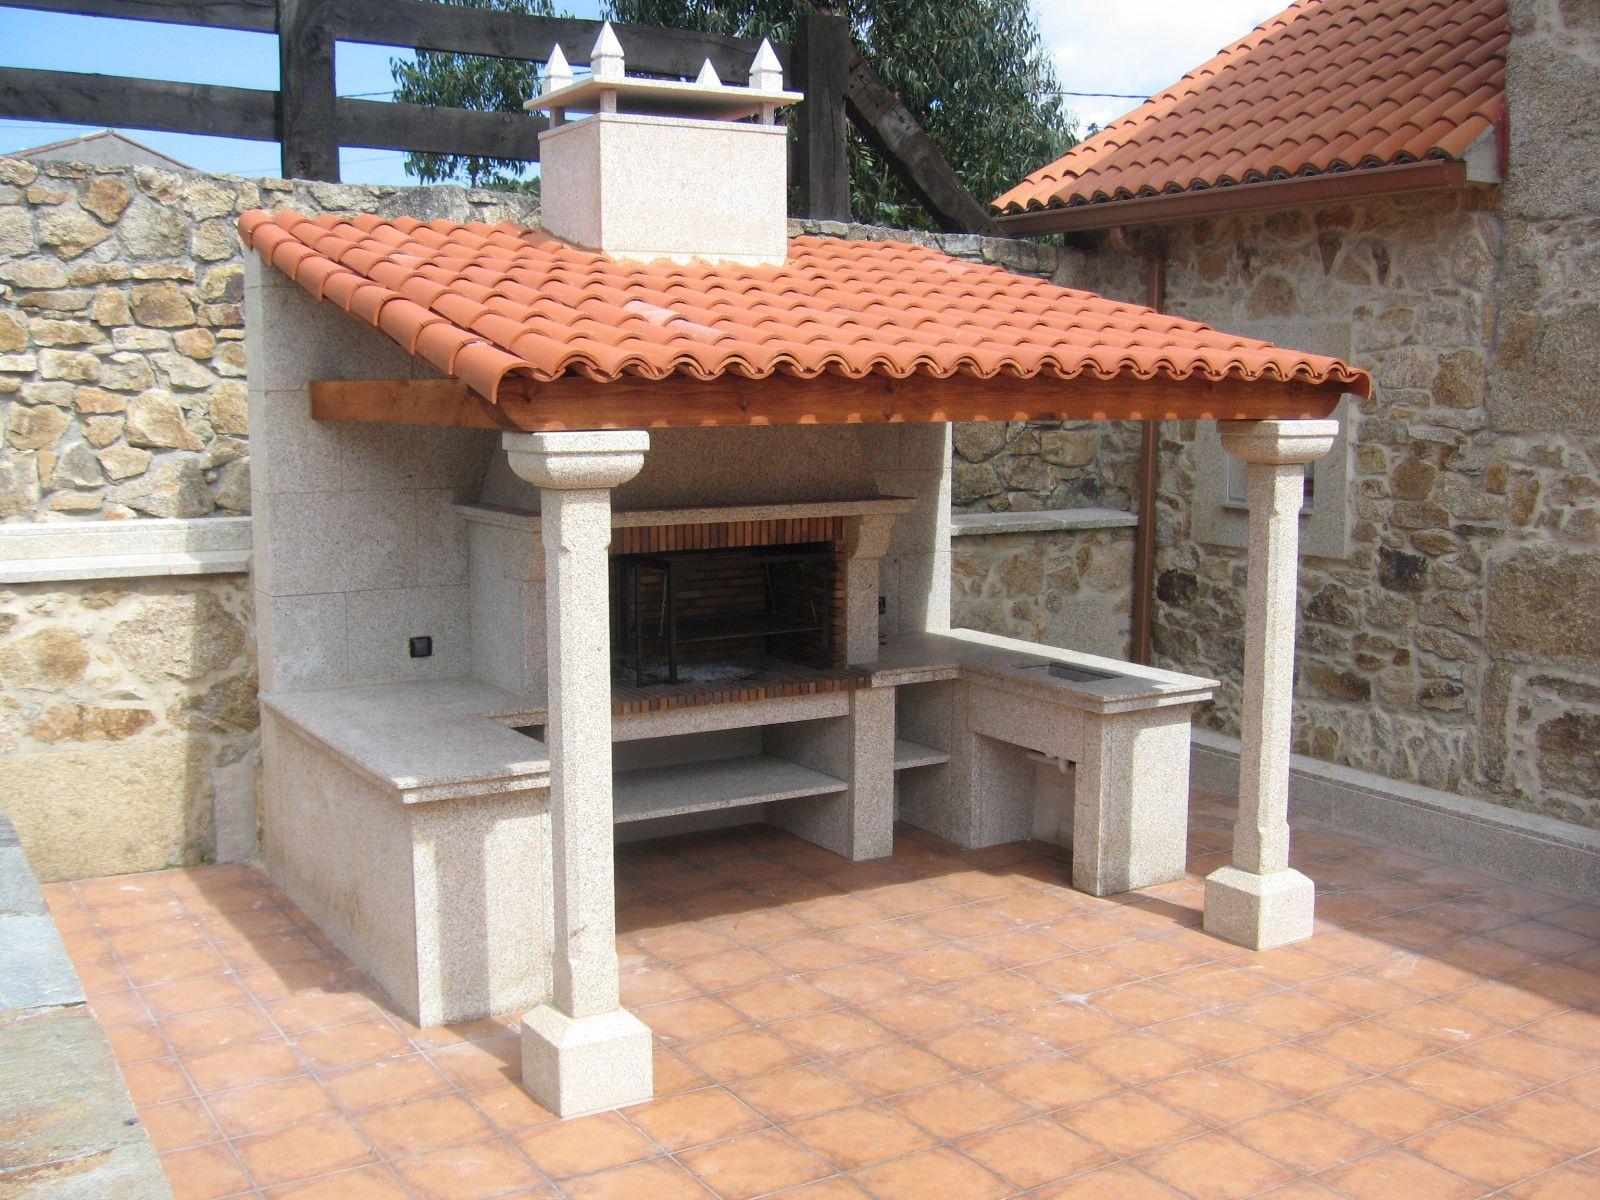 Chimeneas cide barbacoa modelo rosalinda fabricada en piedra nuestros trabajos - Barbacoas rusticas ladrillo ...